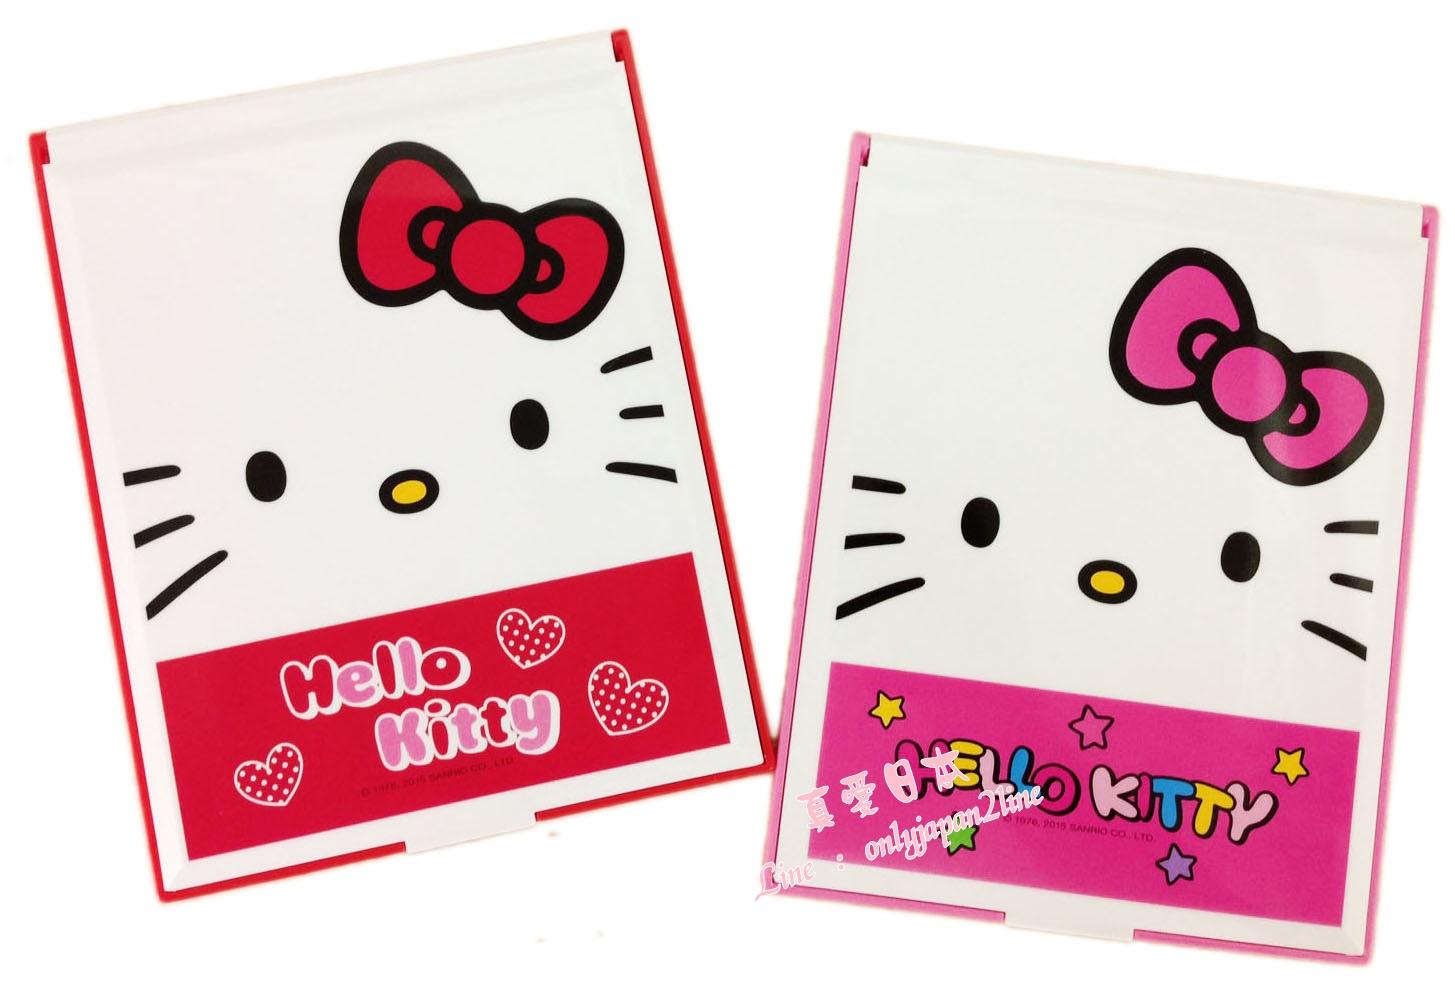 【真愛日本】16081600013超大桌上立鏡-彩色字母兩色    KITTY三麗鷗 凱蒂貓 隨身鏡 美妝 鏡子